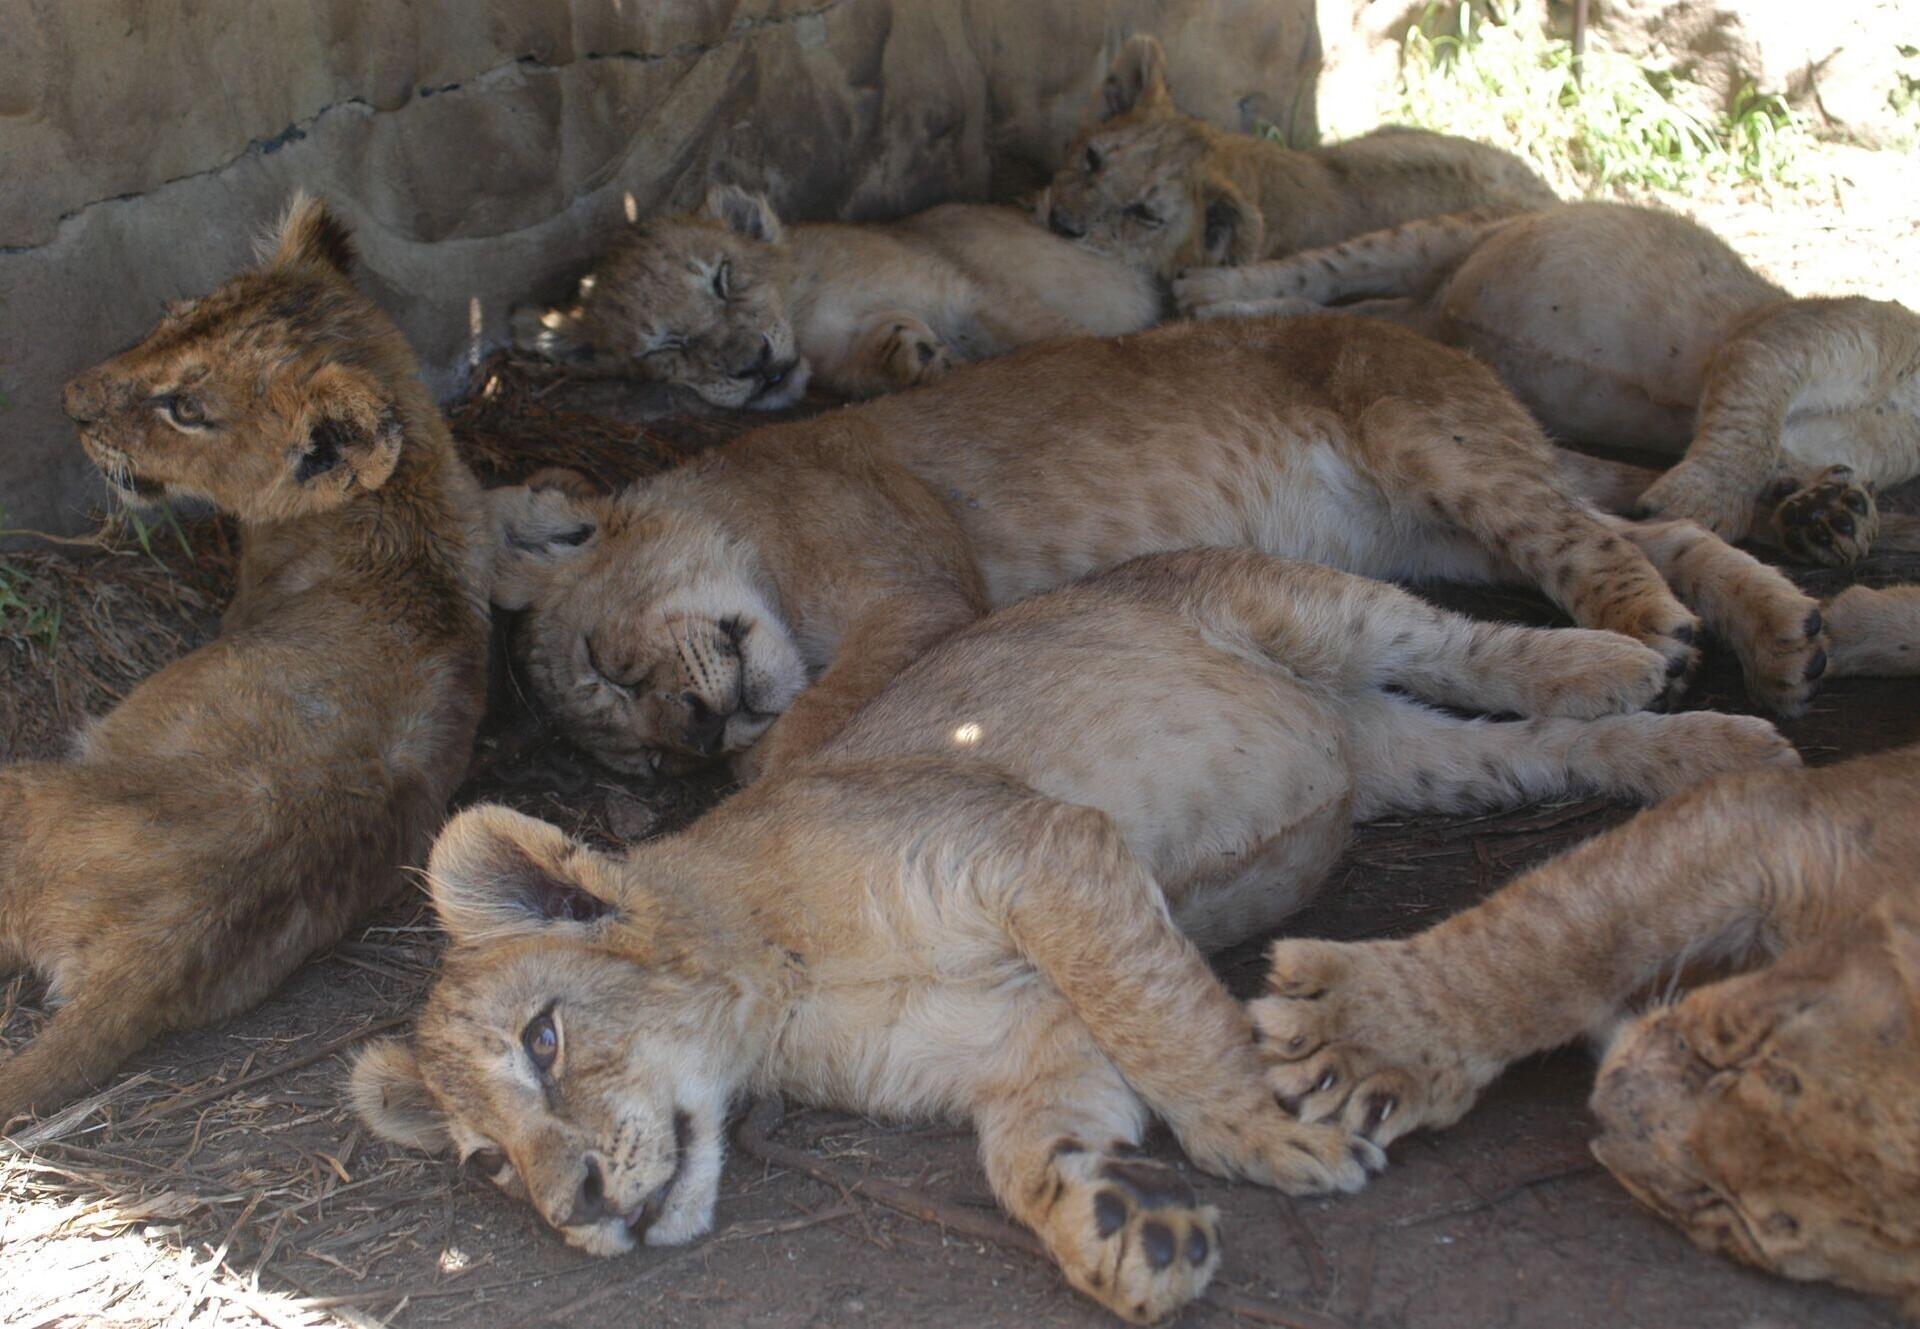 Löwenbabys in Streichelzoo in Südafrika